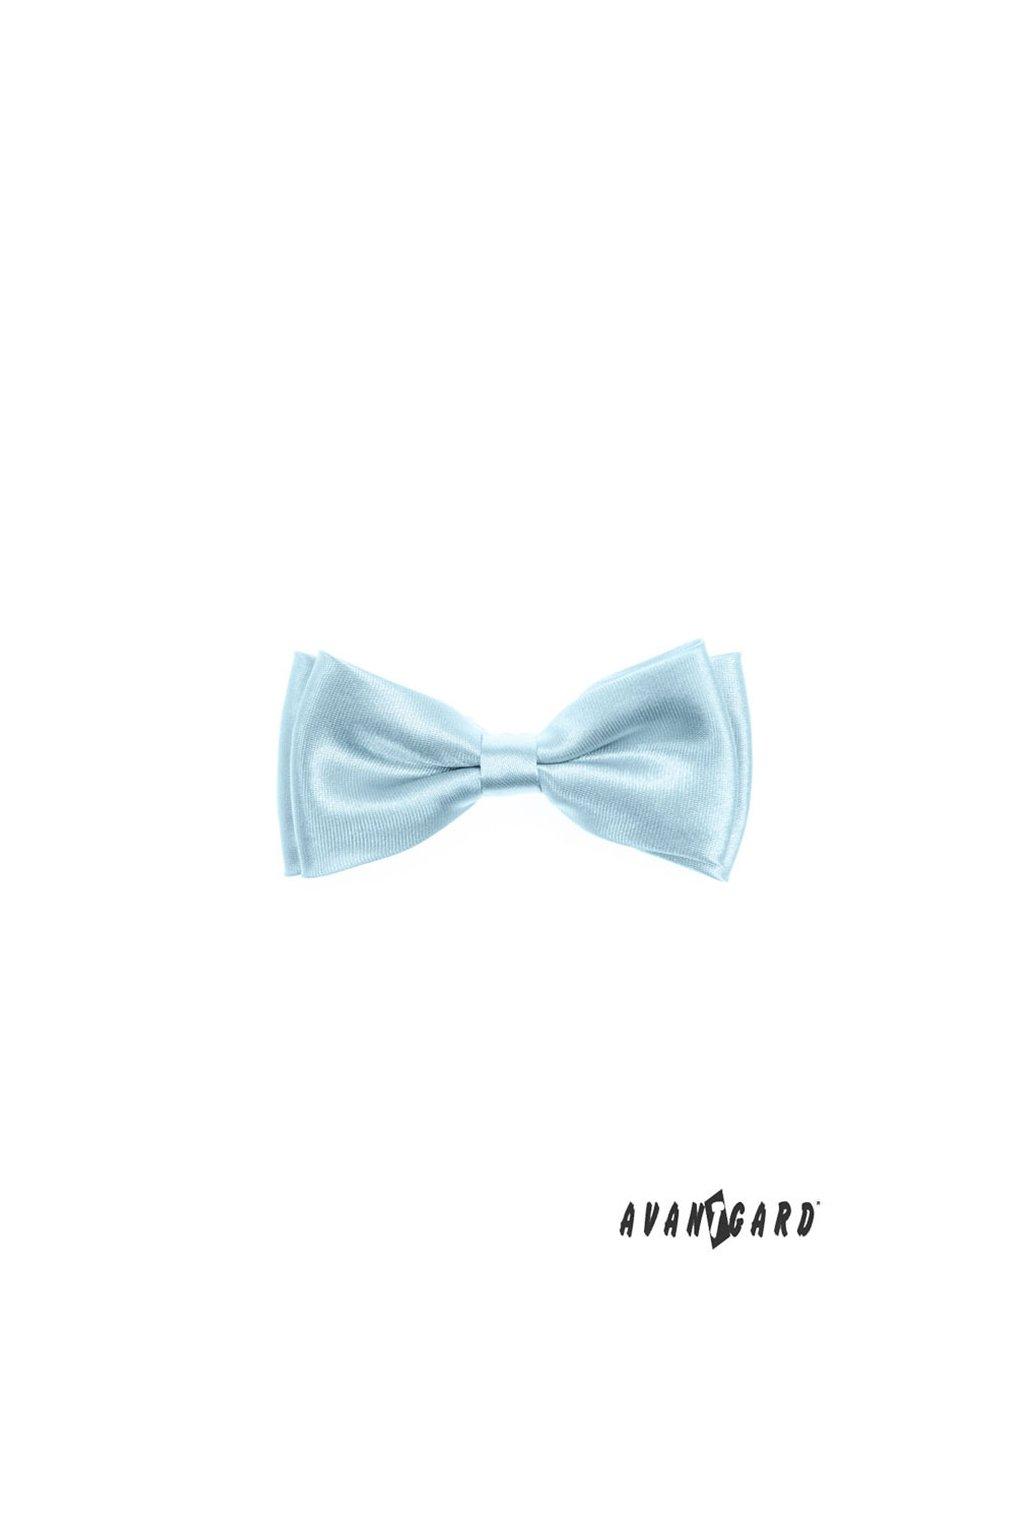 Chlapecký motýlek modrý 533 - 764